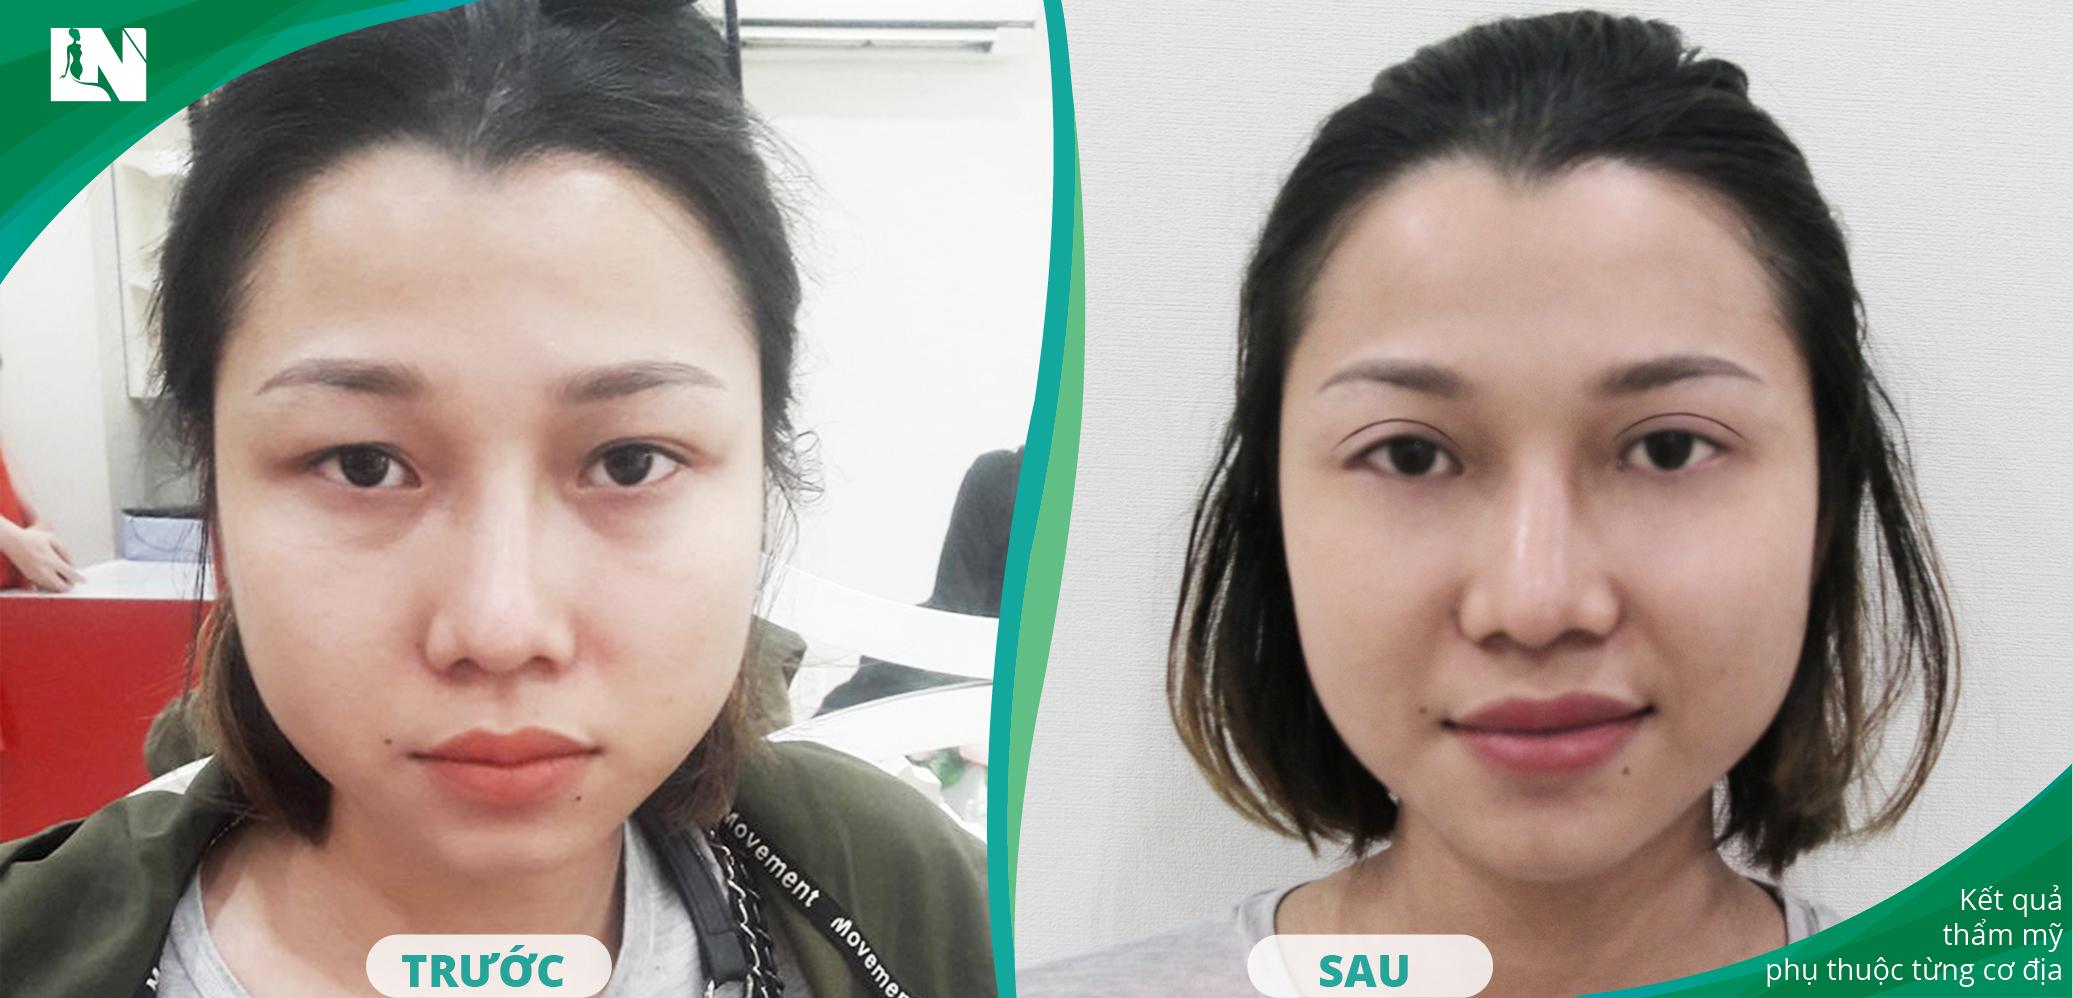 Hình ảnh Khách hàng trước - sau cắt mí mắt thực hiện bởi Bác sĩ Lương Ngọc tại bệnh viện